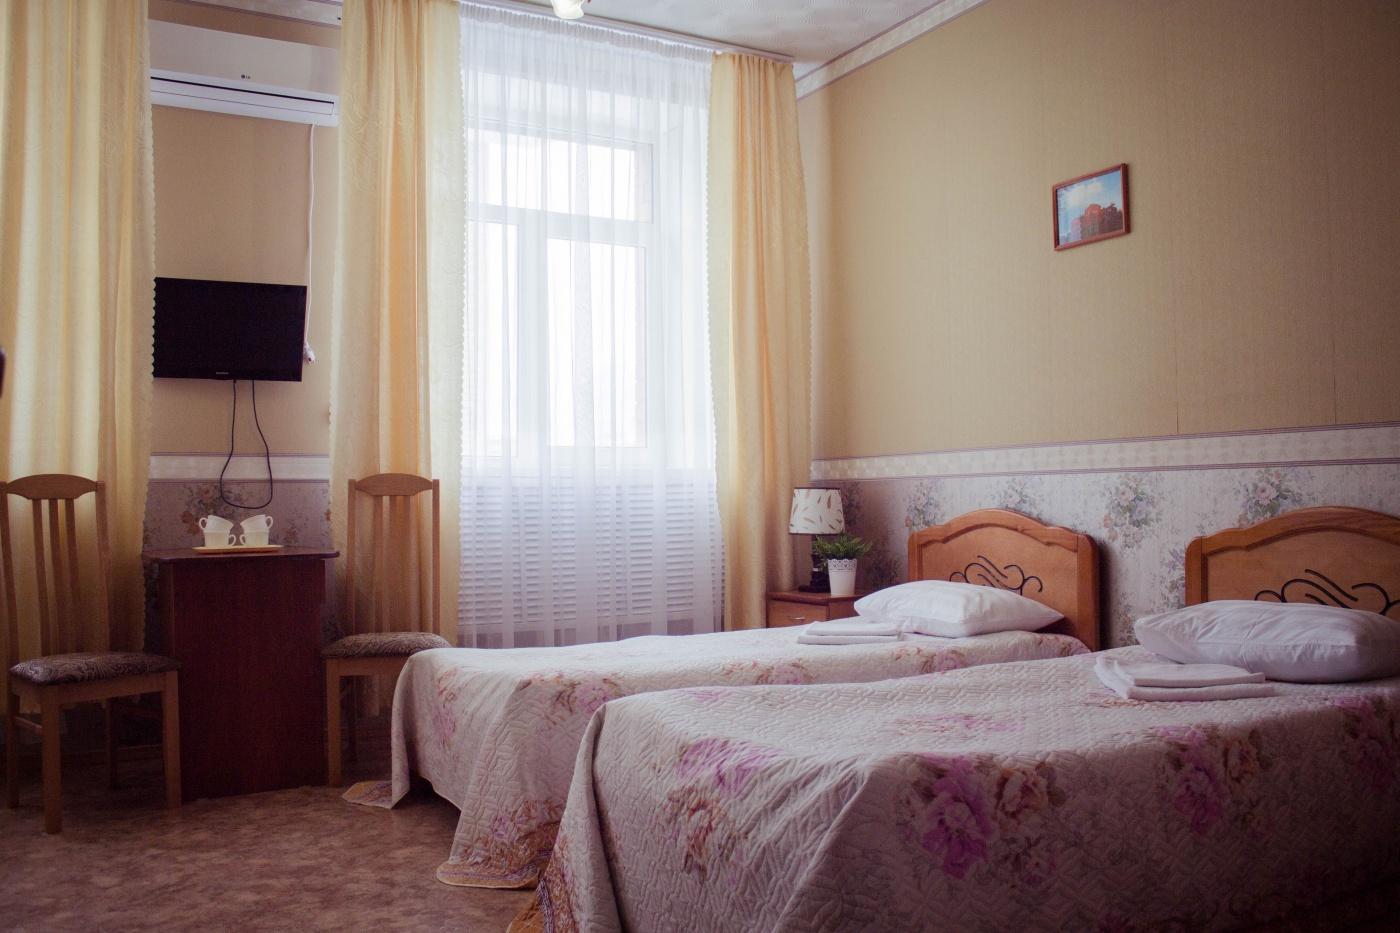 Гостиничный комплекс «Святогор» Владимирская область Двухкомнатный номер 2+3, фото 3